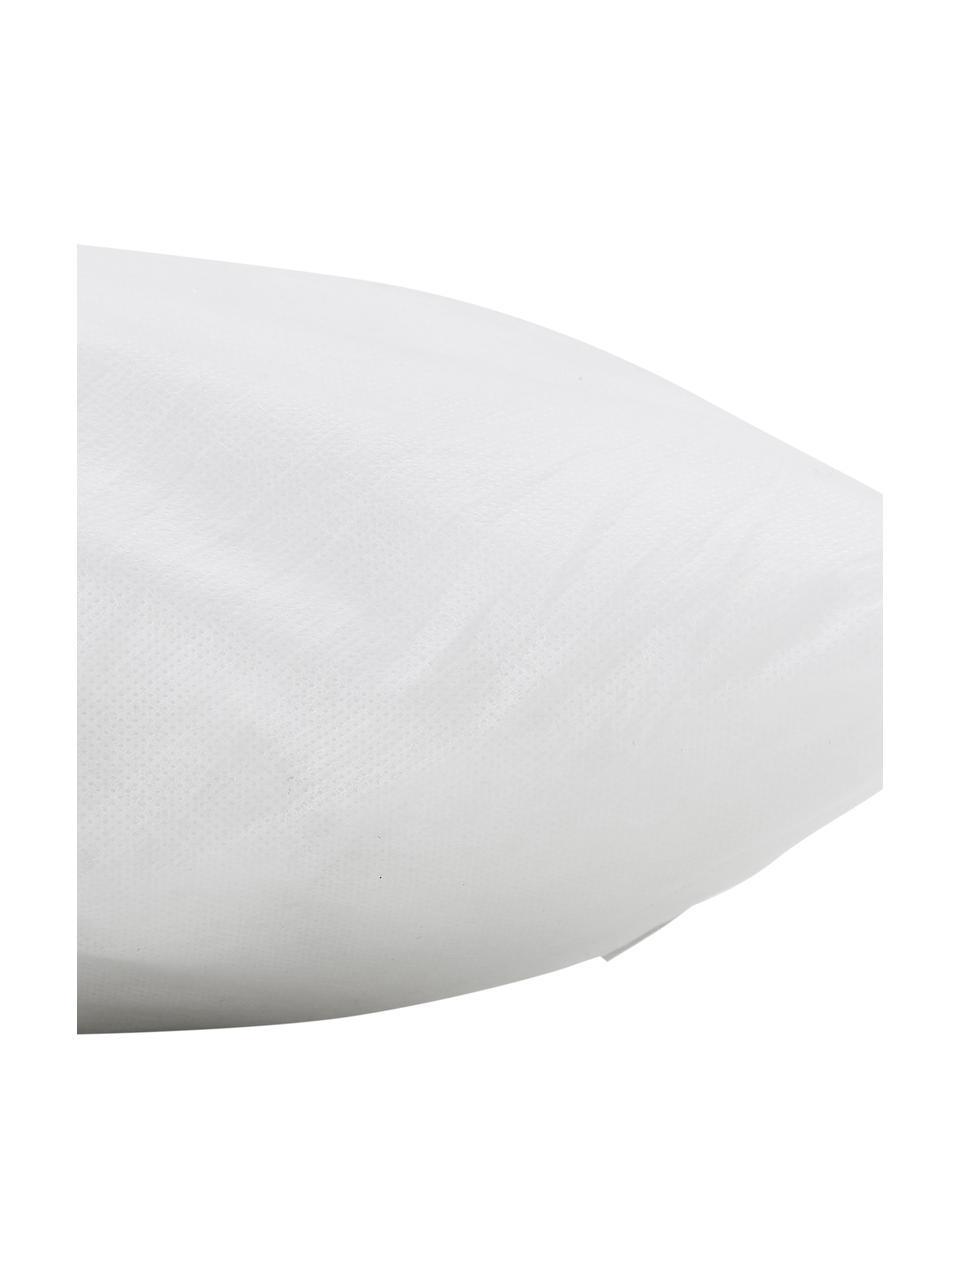 Kissen-Inlett Egret, 30x60, Polyester-Füllung, Bezug: Kunstfaser, Weiß, 30 x 60 cm